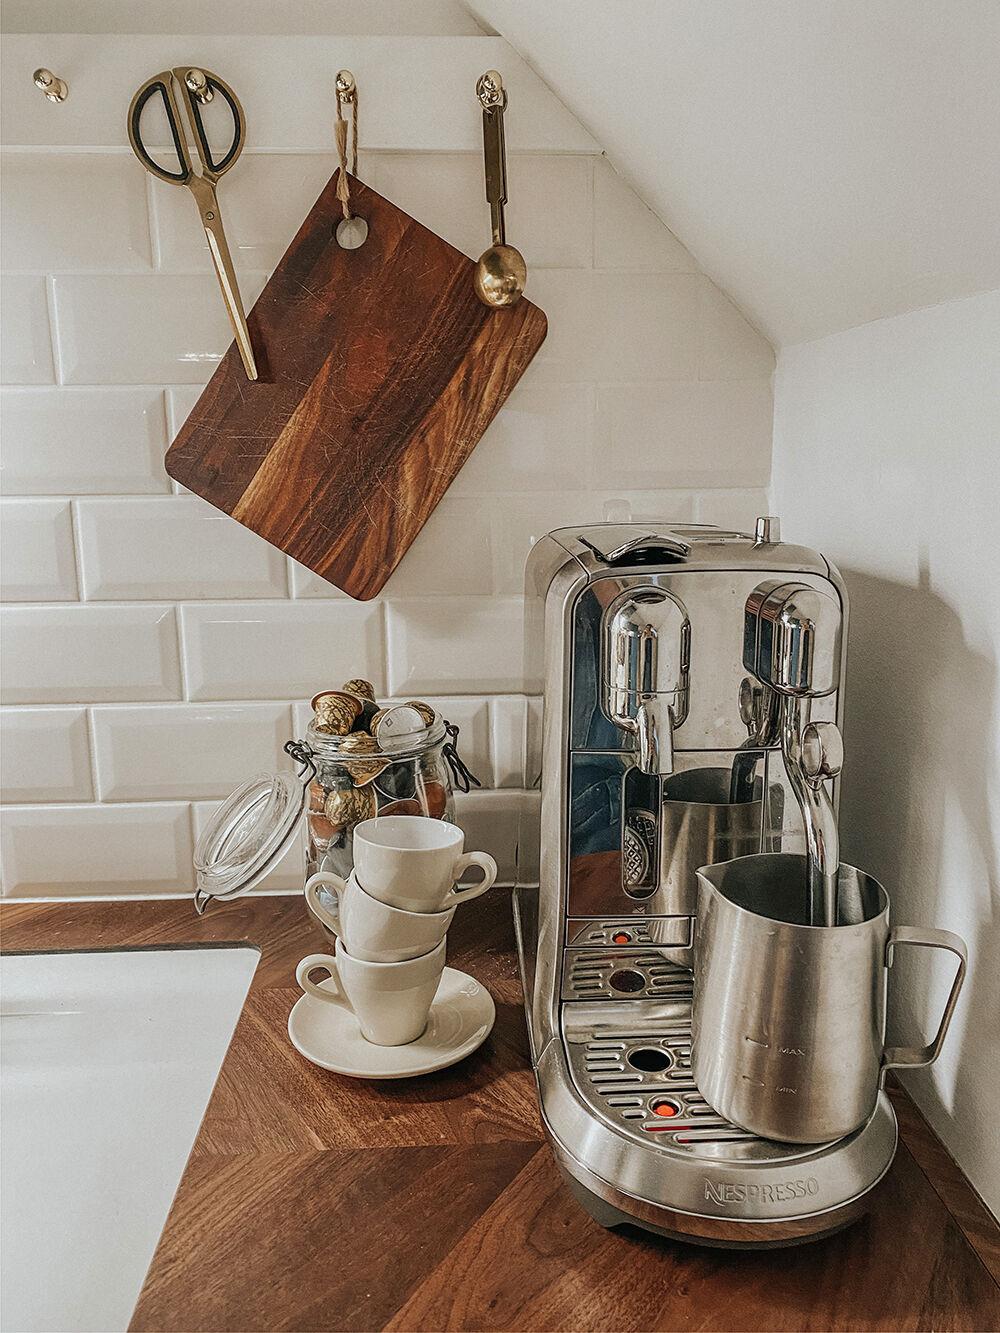 nespresso creatista kaffemaskin